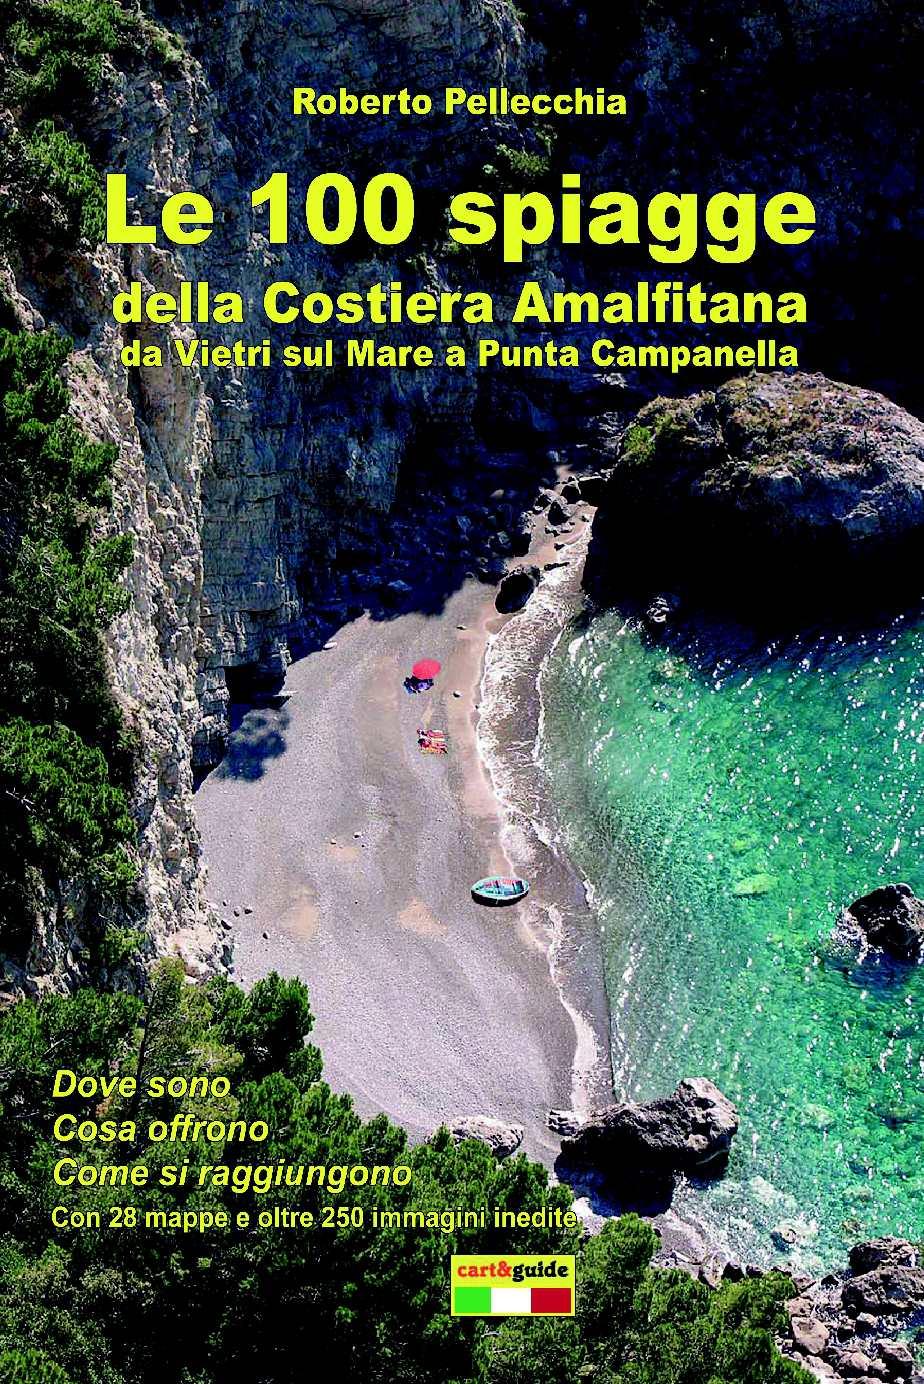 Le 100 Spiagge della Costiera Amalfitana - di Roberto Pellecchia (pp 75 di 176)